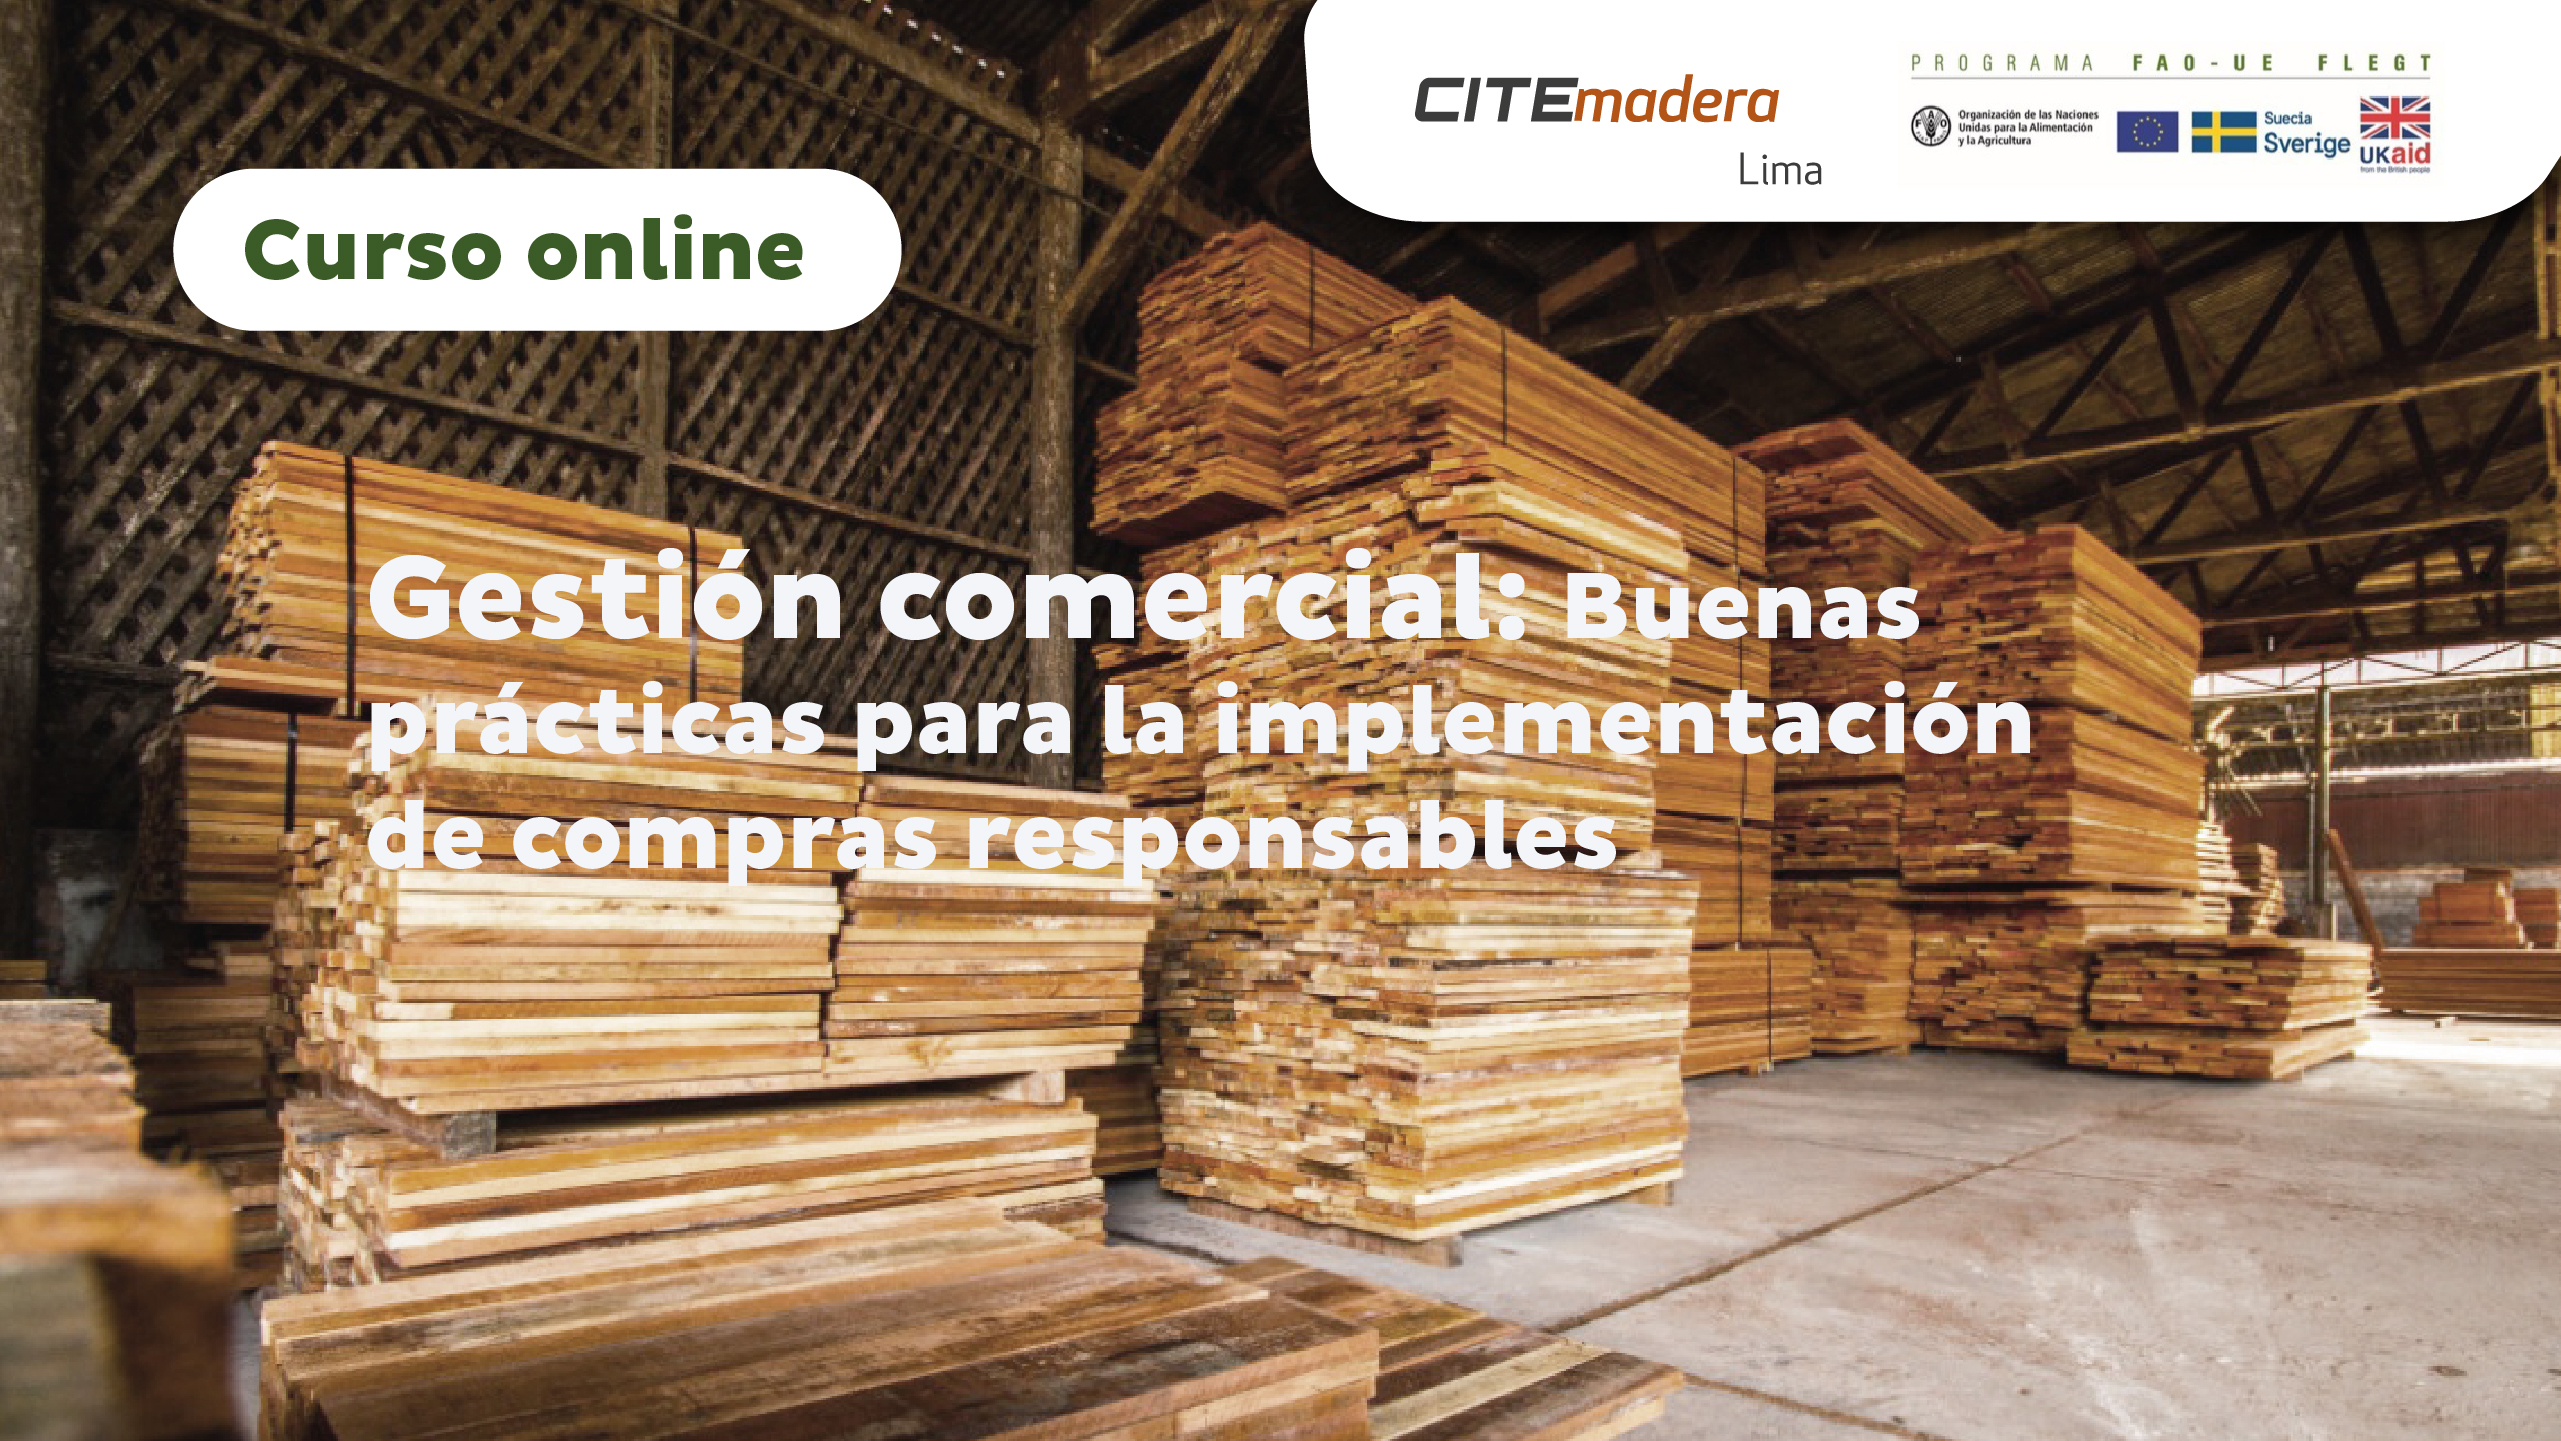 Gestión comercial: Buenas prácticas para la implementación de compras responsables